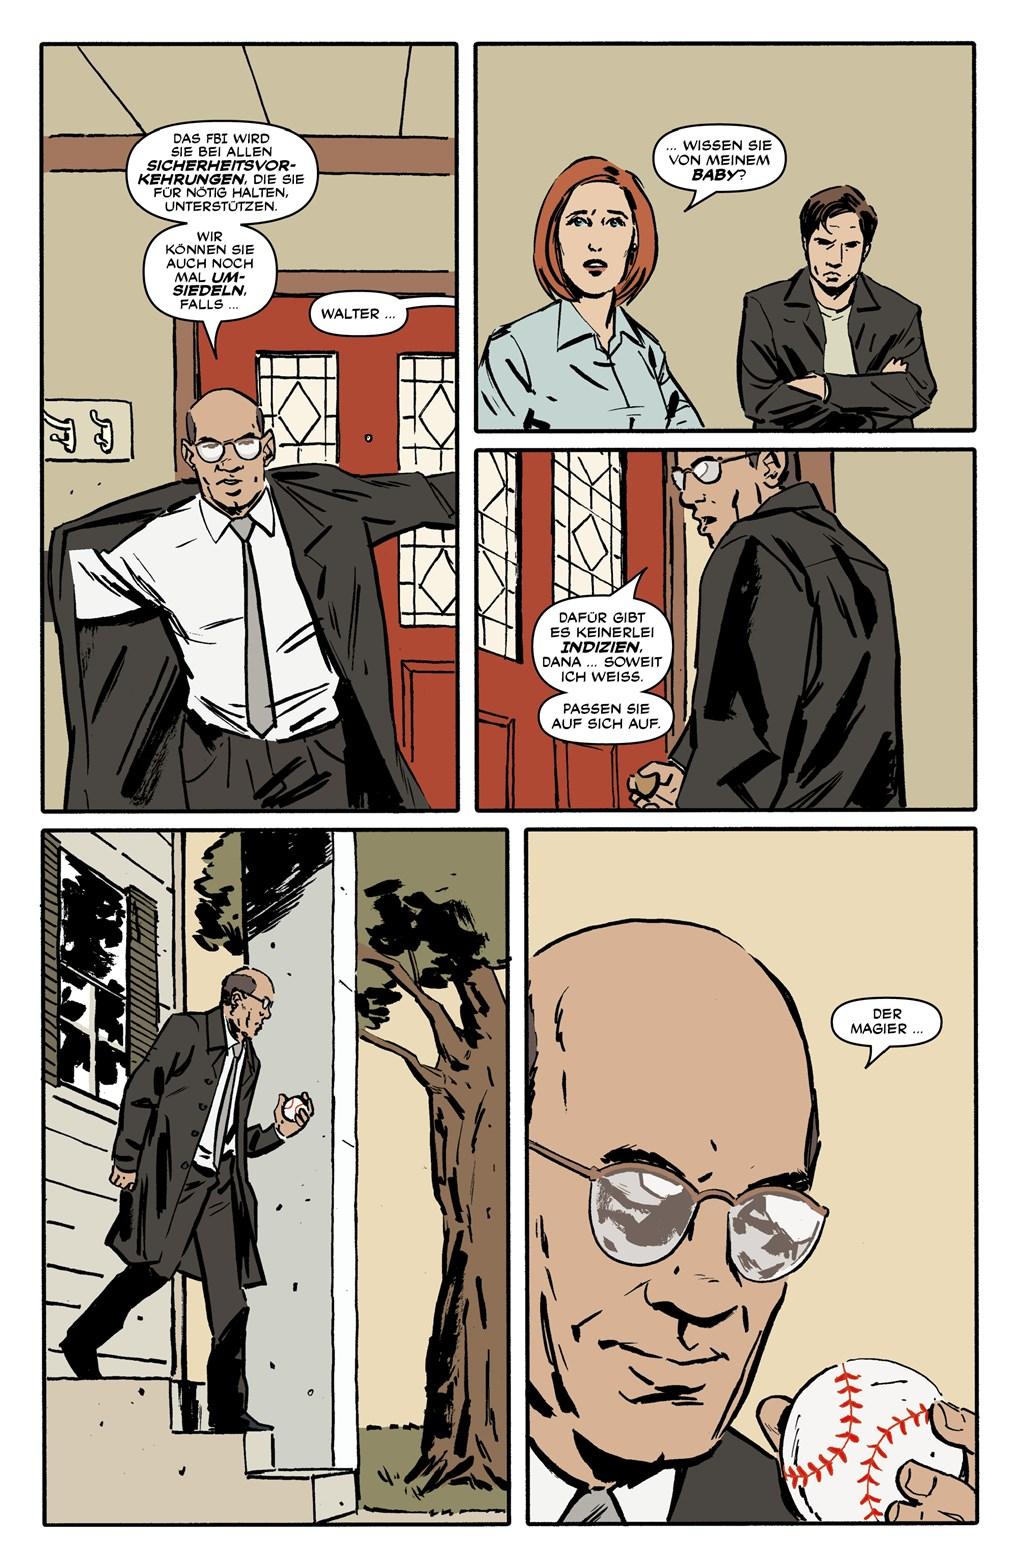 Seite aus Akte X Staffel 10 1